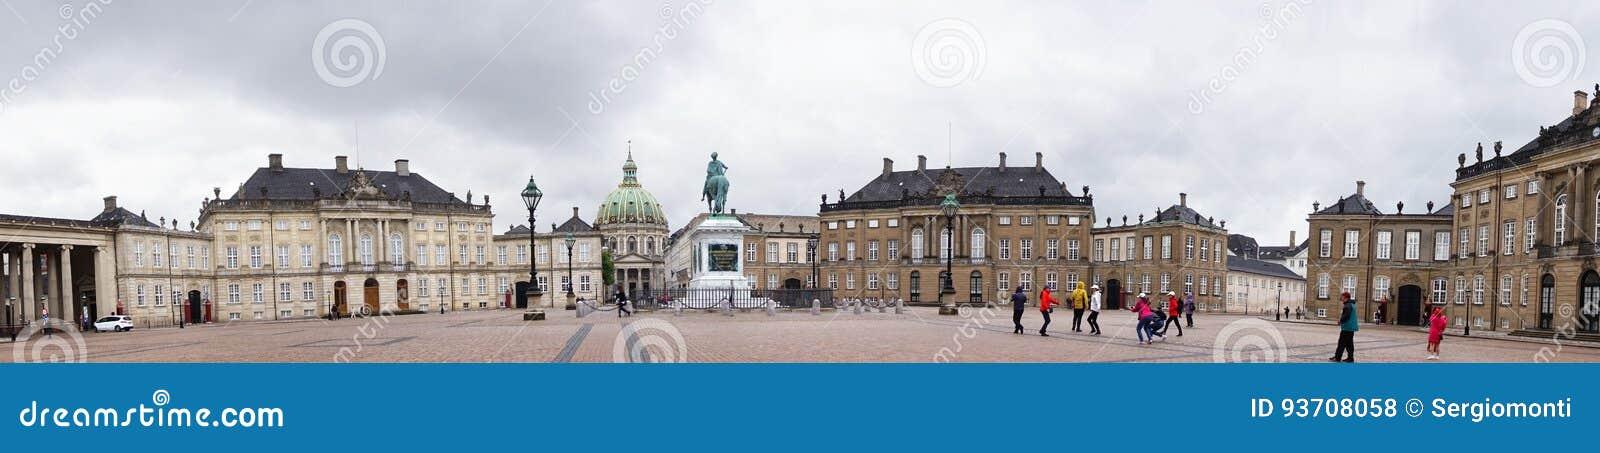 COPENHAGUE, DINAMARCA - 31 DE MAYO DE 2017: Cuadrado de Amalienborg Slotsplads con una estatua ecuestre monumental del fundador d